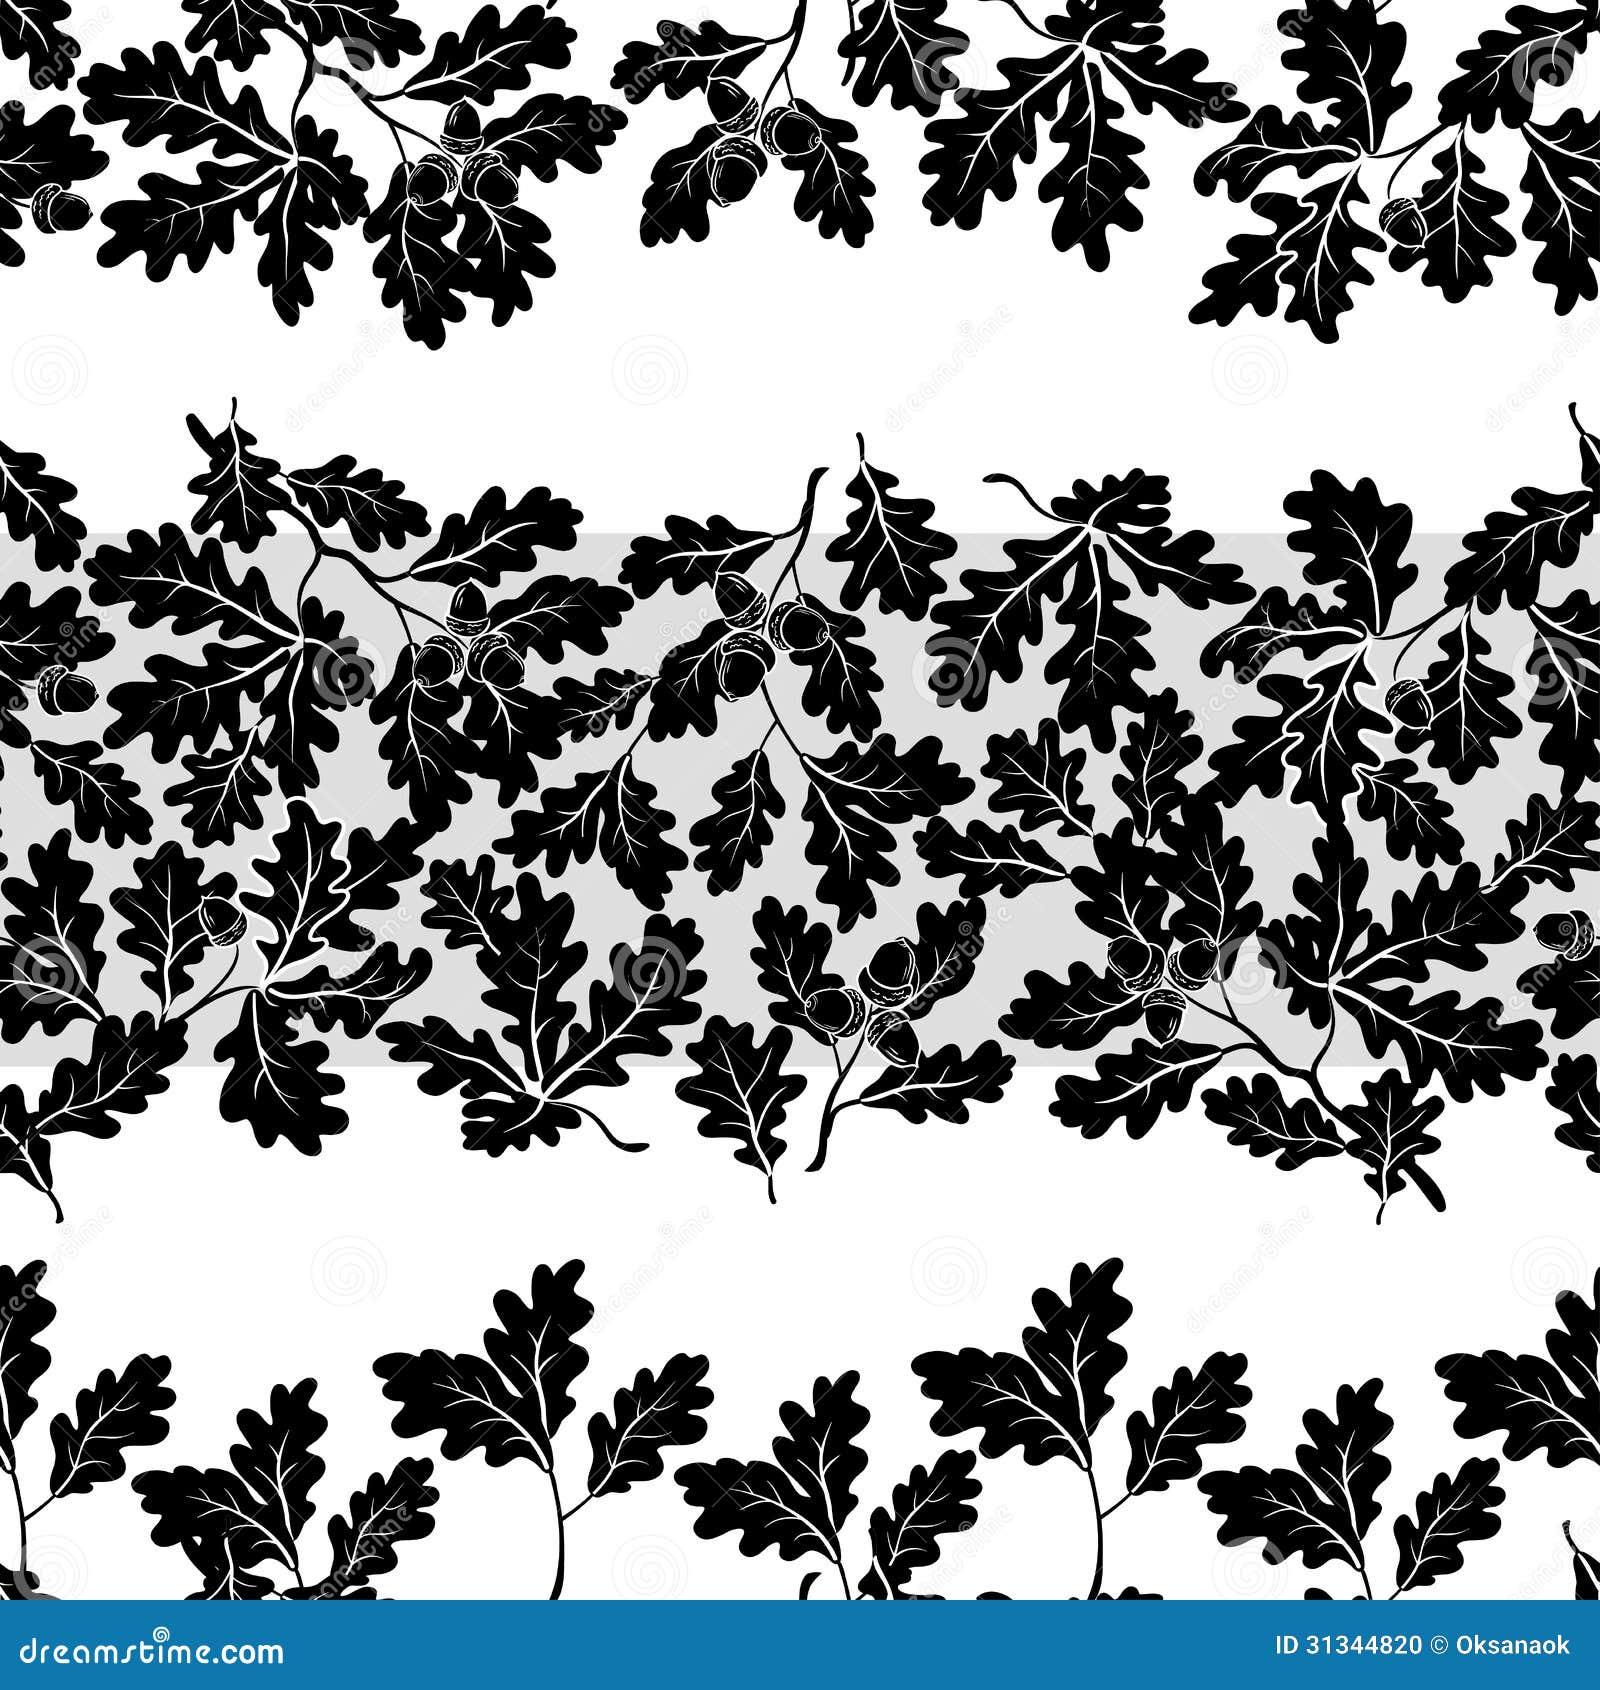 oak-branch-silhouette